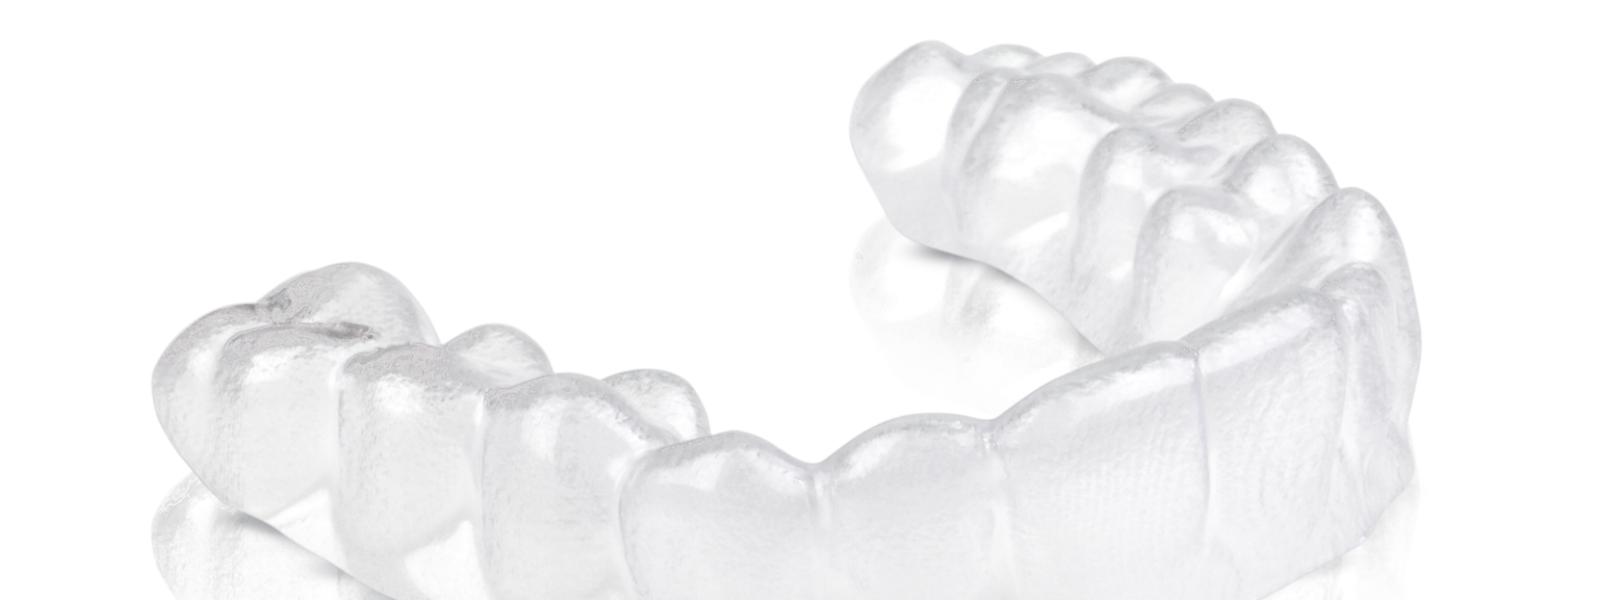 ortodonta poznań 342l